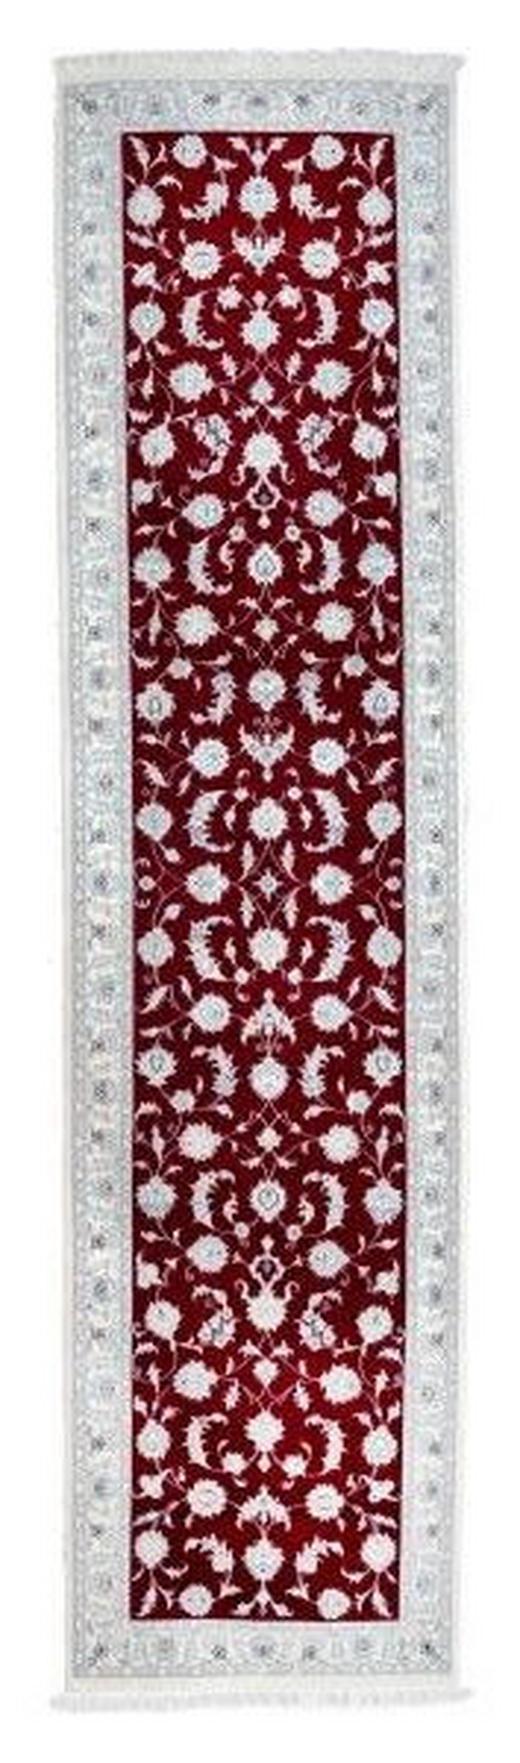 KOBEREC ORIENTÁLNÍ - červená, Lifestyle, jiné přírodní materiály (80/200cm) - Esposa